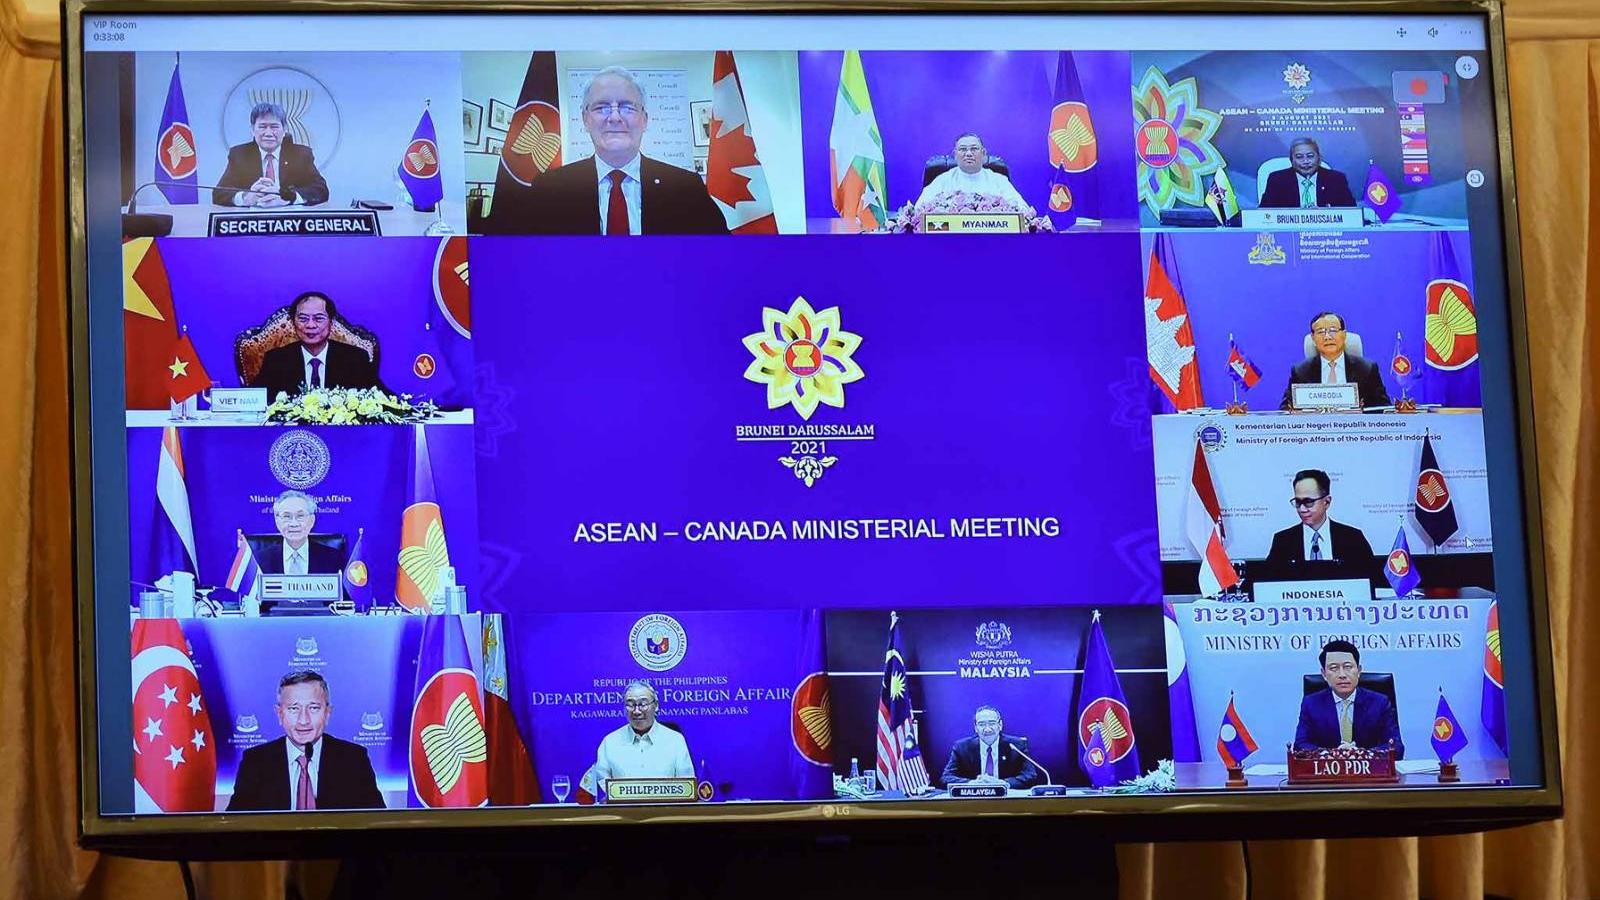 Bộ trưởng Ngoại giao Bùi Thanh Sơn dự Hội nghị Bộ trưởng Ngoại giao ASEAN-Canada